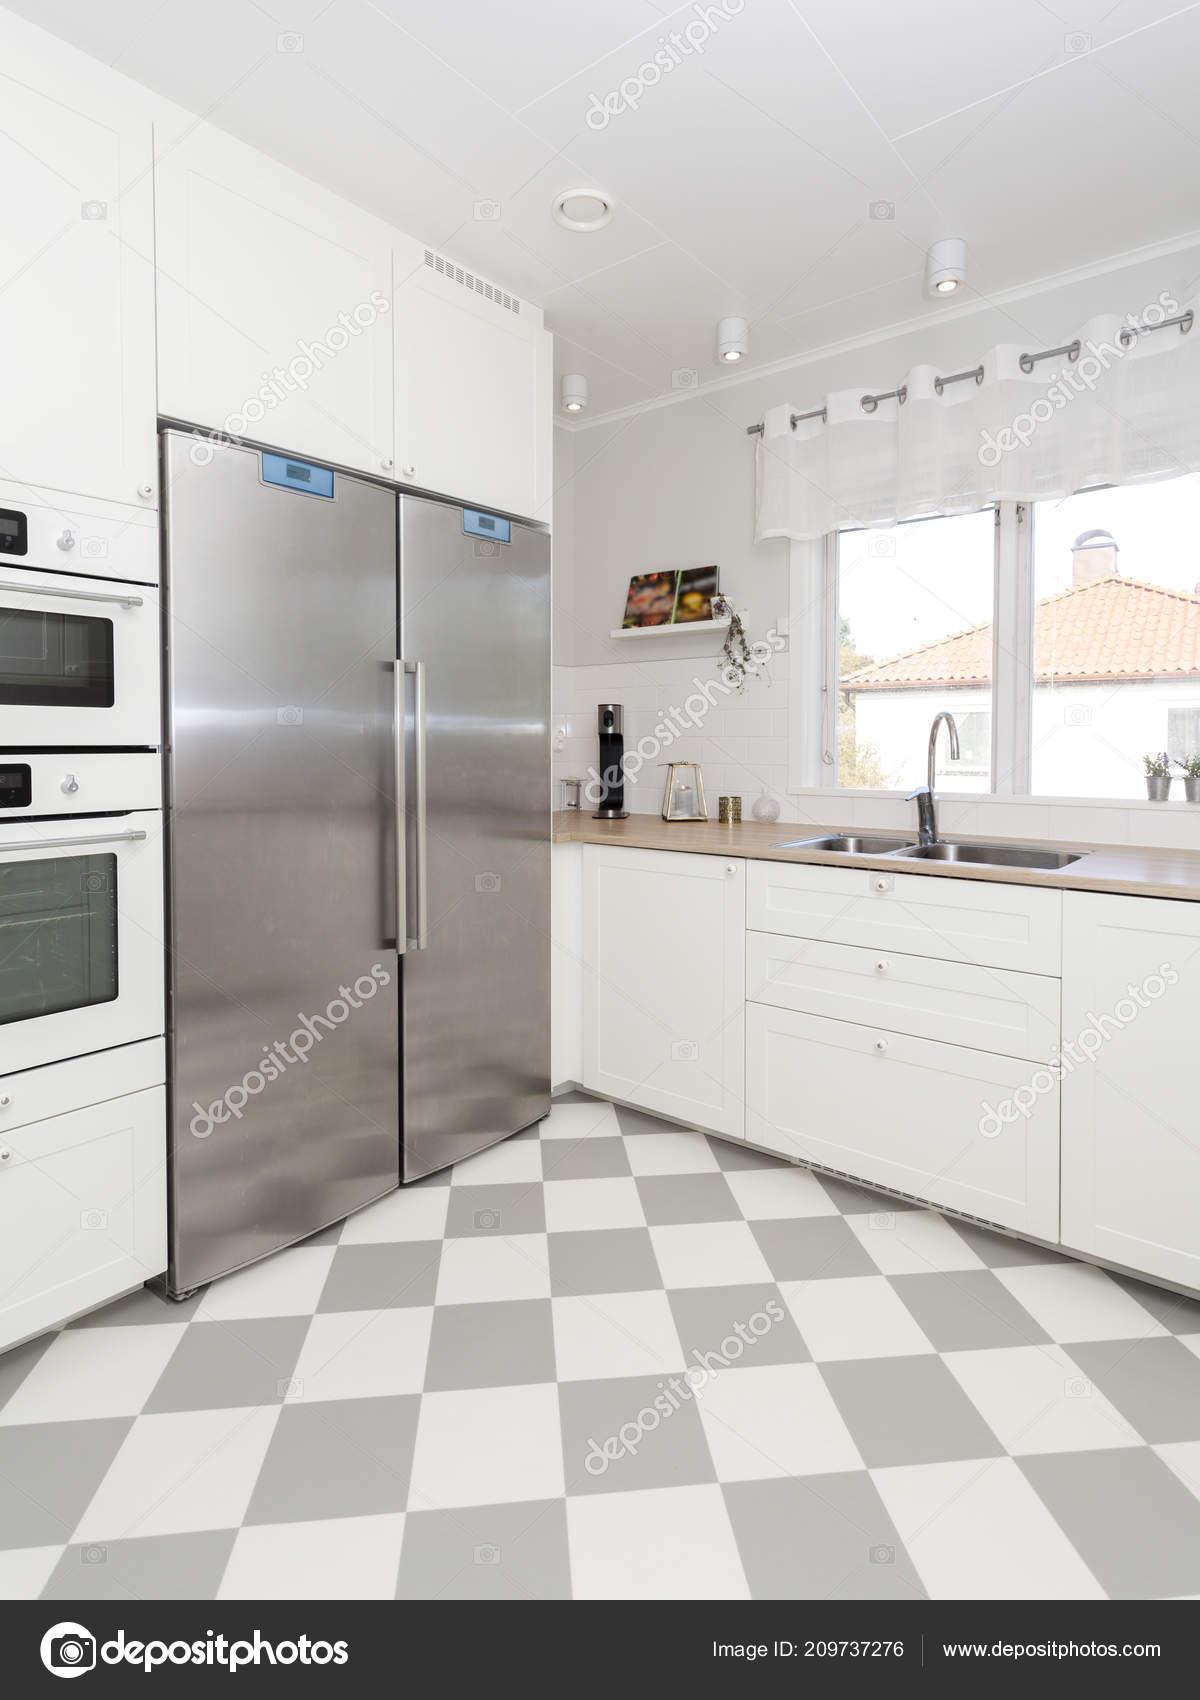 Interiore Fantasia Della Cucina Con Pavimento Controllato ...